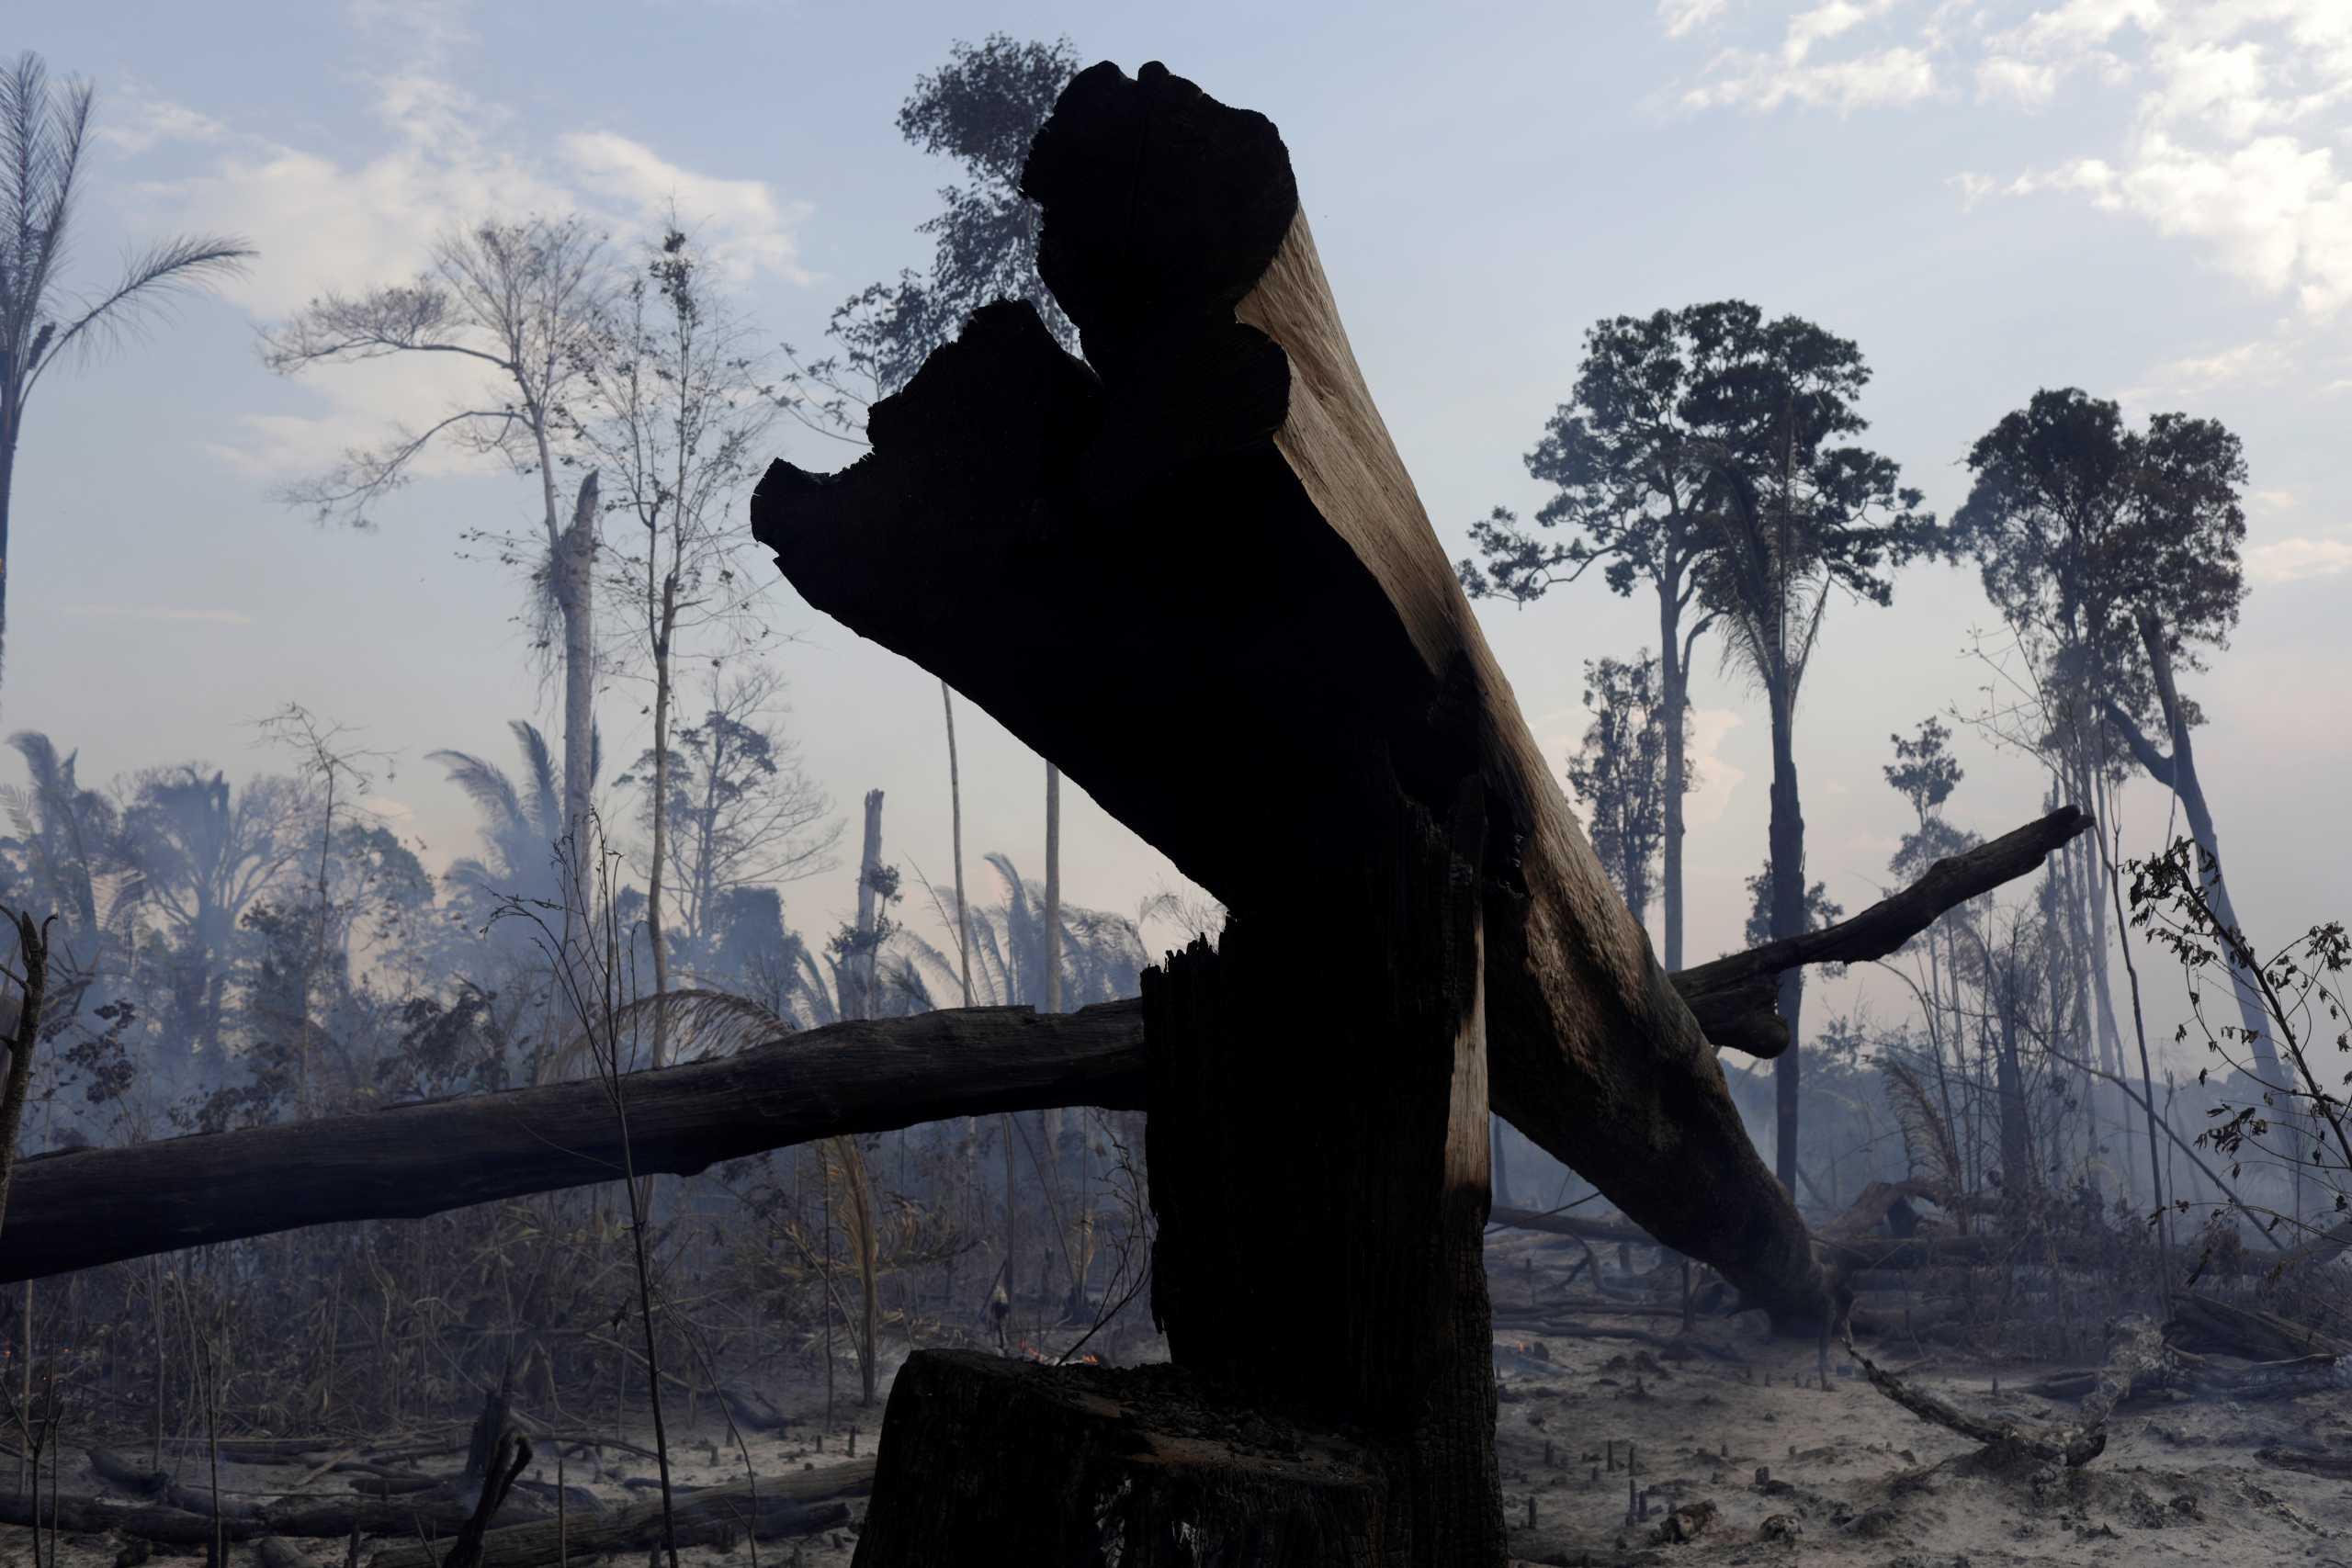 Τρομακτικά στοιχεία: Τα δύο τρίτα των τροπικών δασών έχουν καταστραφεί ή υποβαθμιστεί